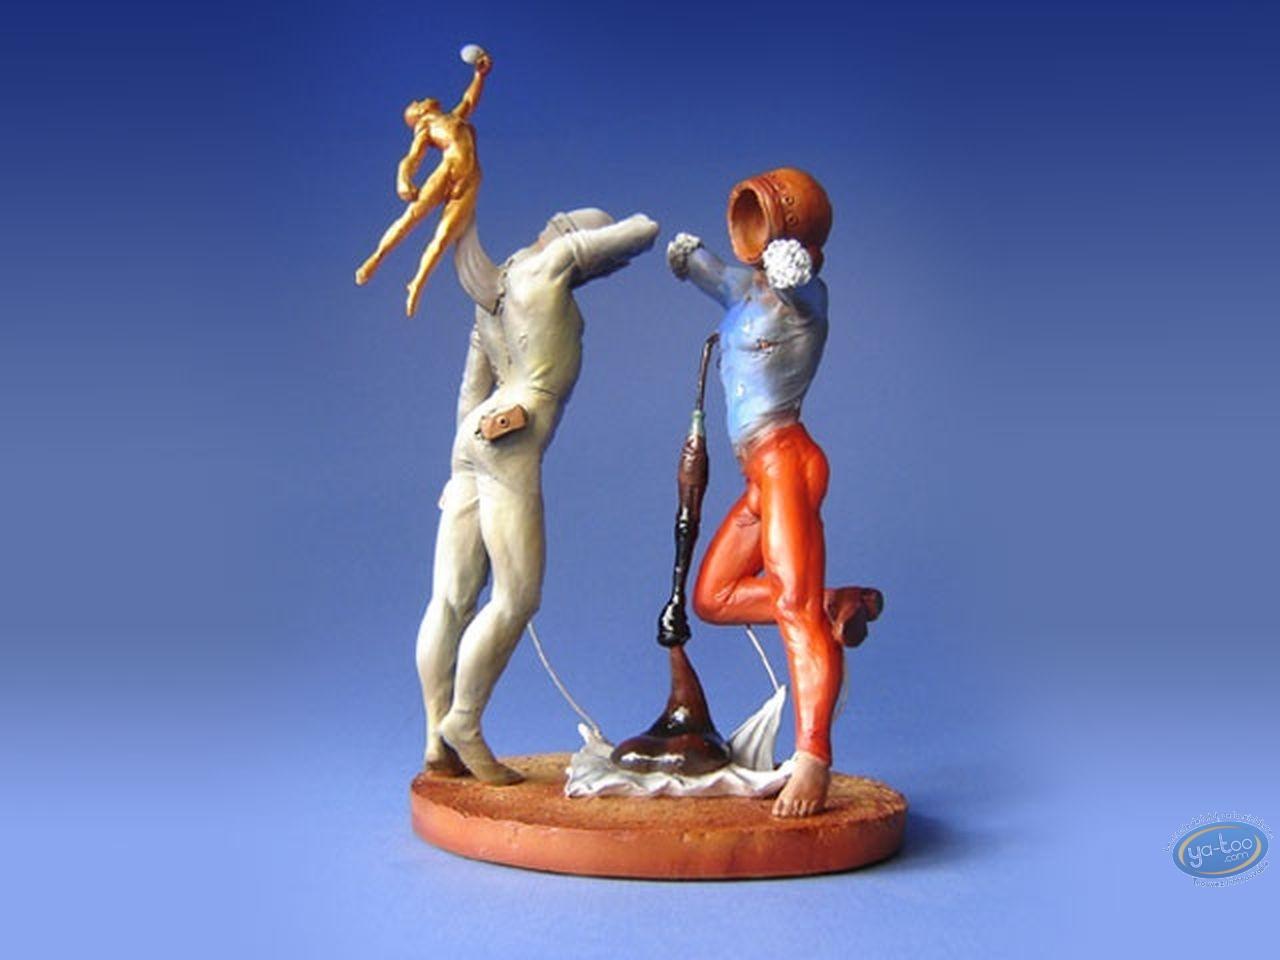 Resin Statuette, Tableaux en 3D : Salvador Dali - Poésie d'Amérique - Les Athlètes cosmiques